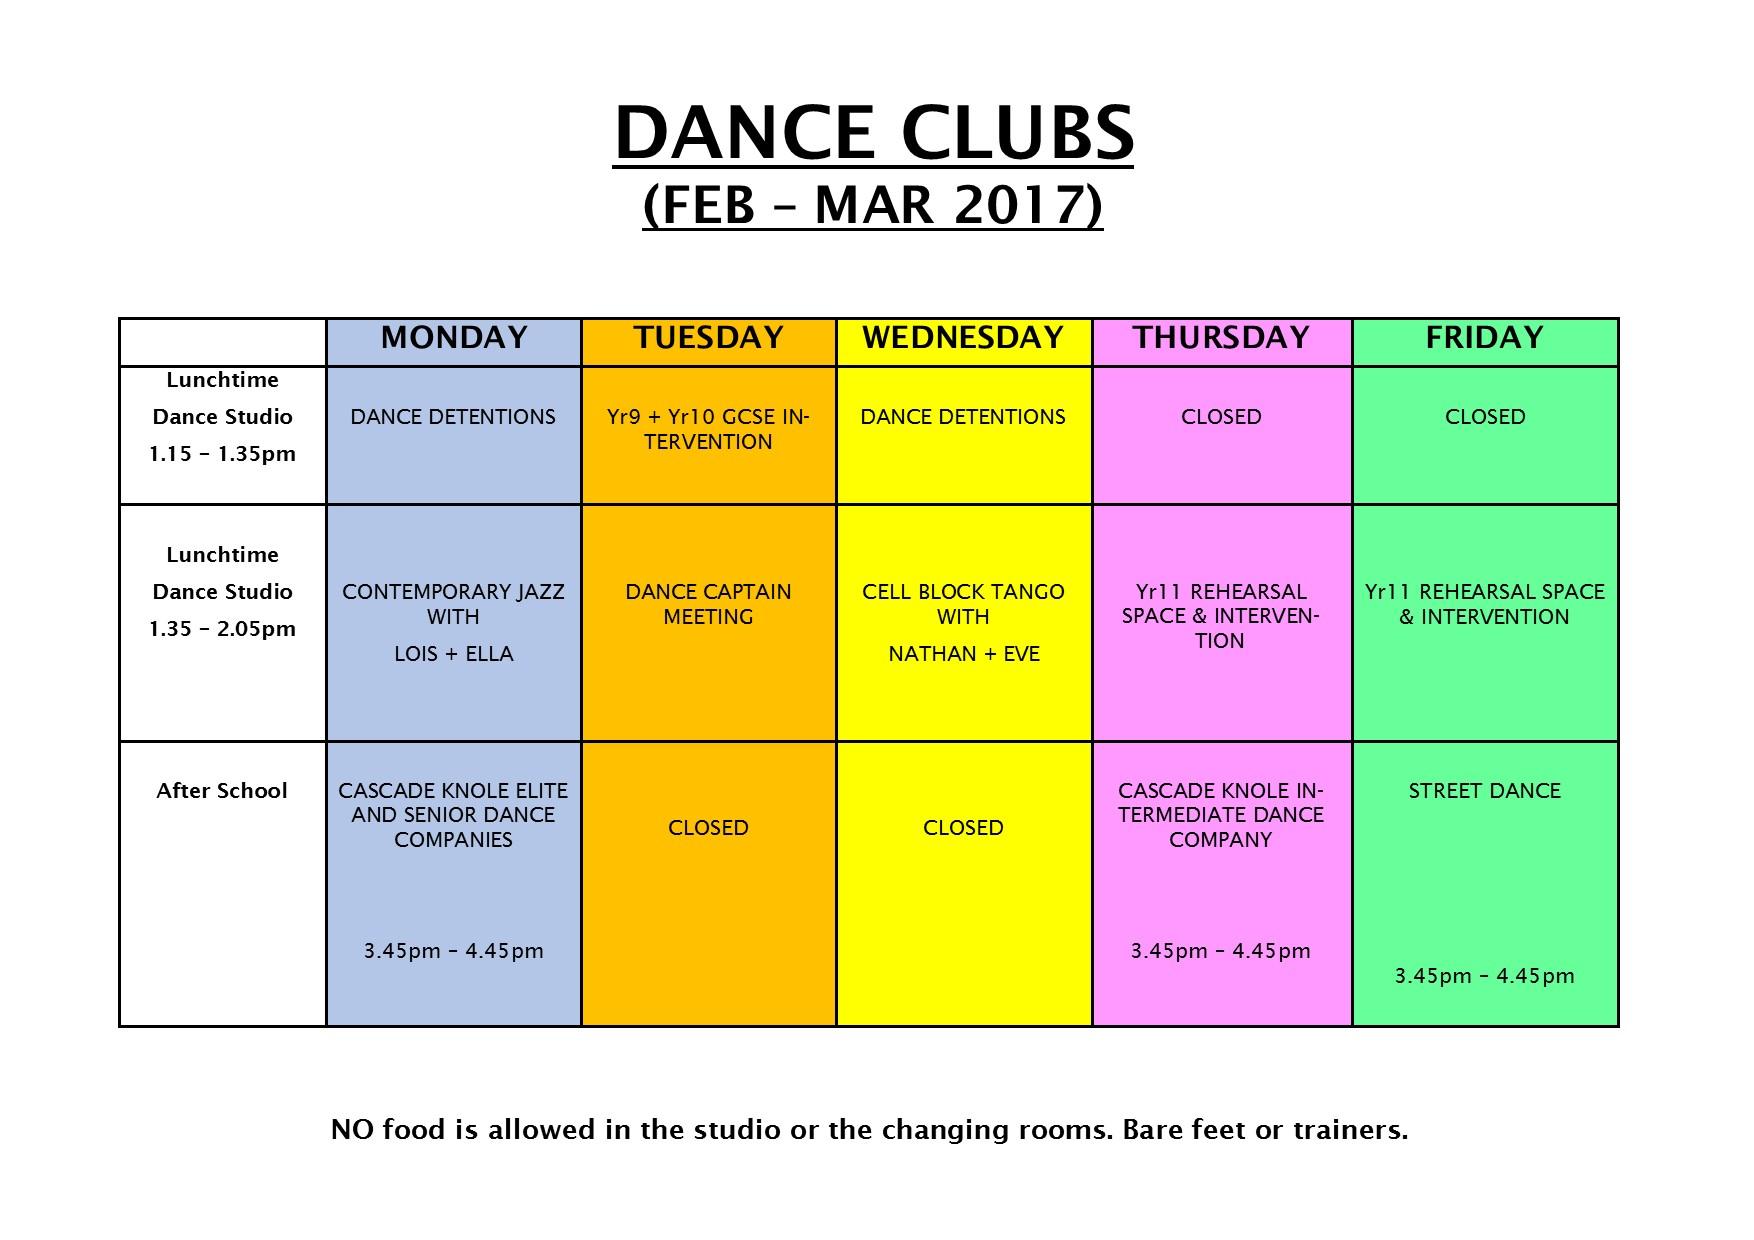 Dance Club Feb - Mar 2017